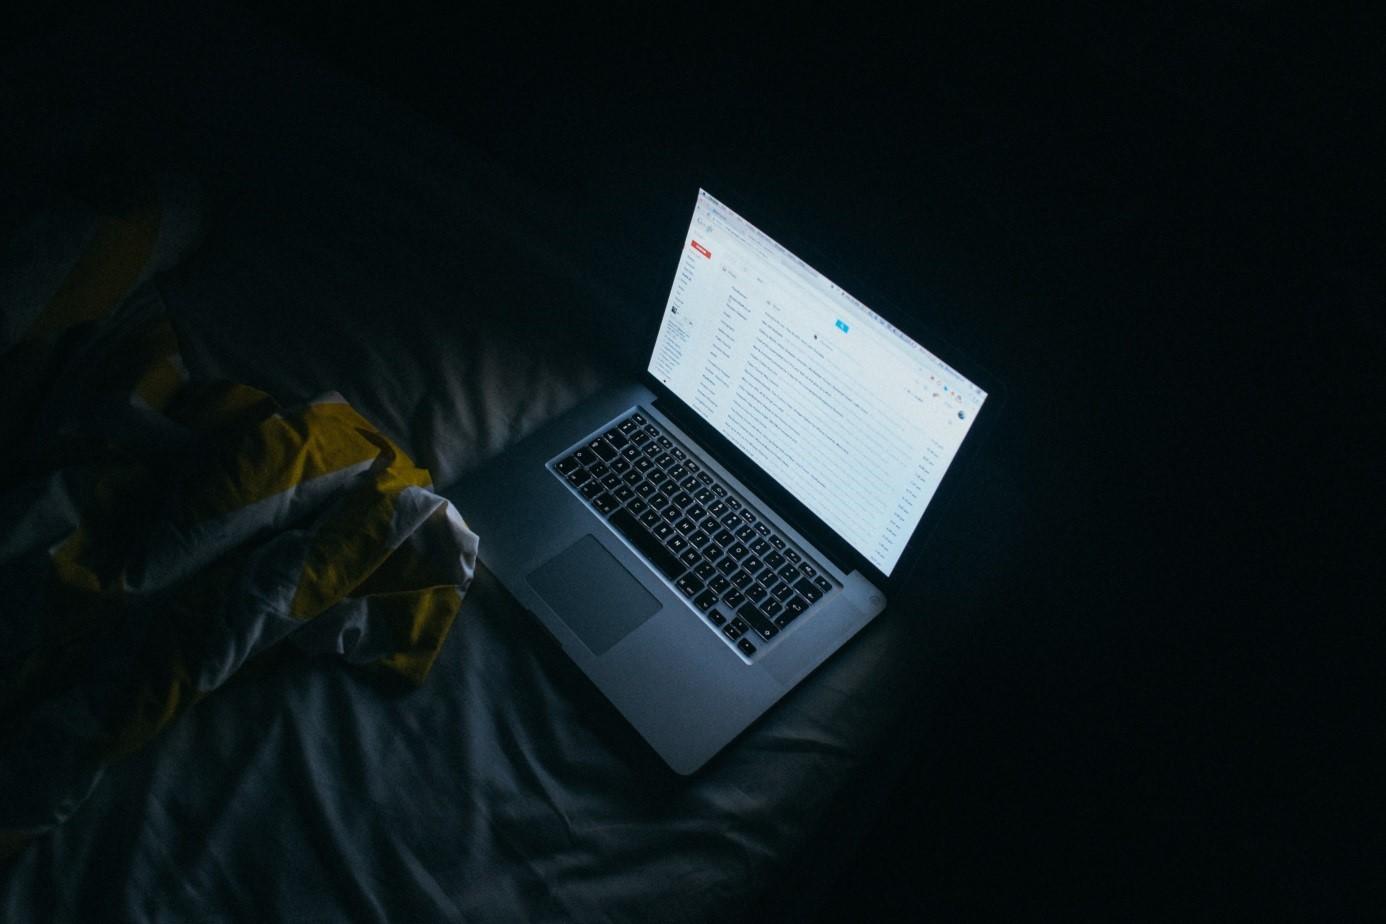 laptop-netzwerke